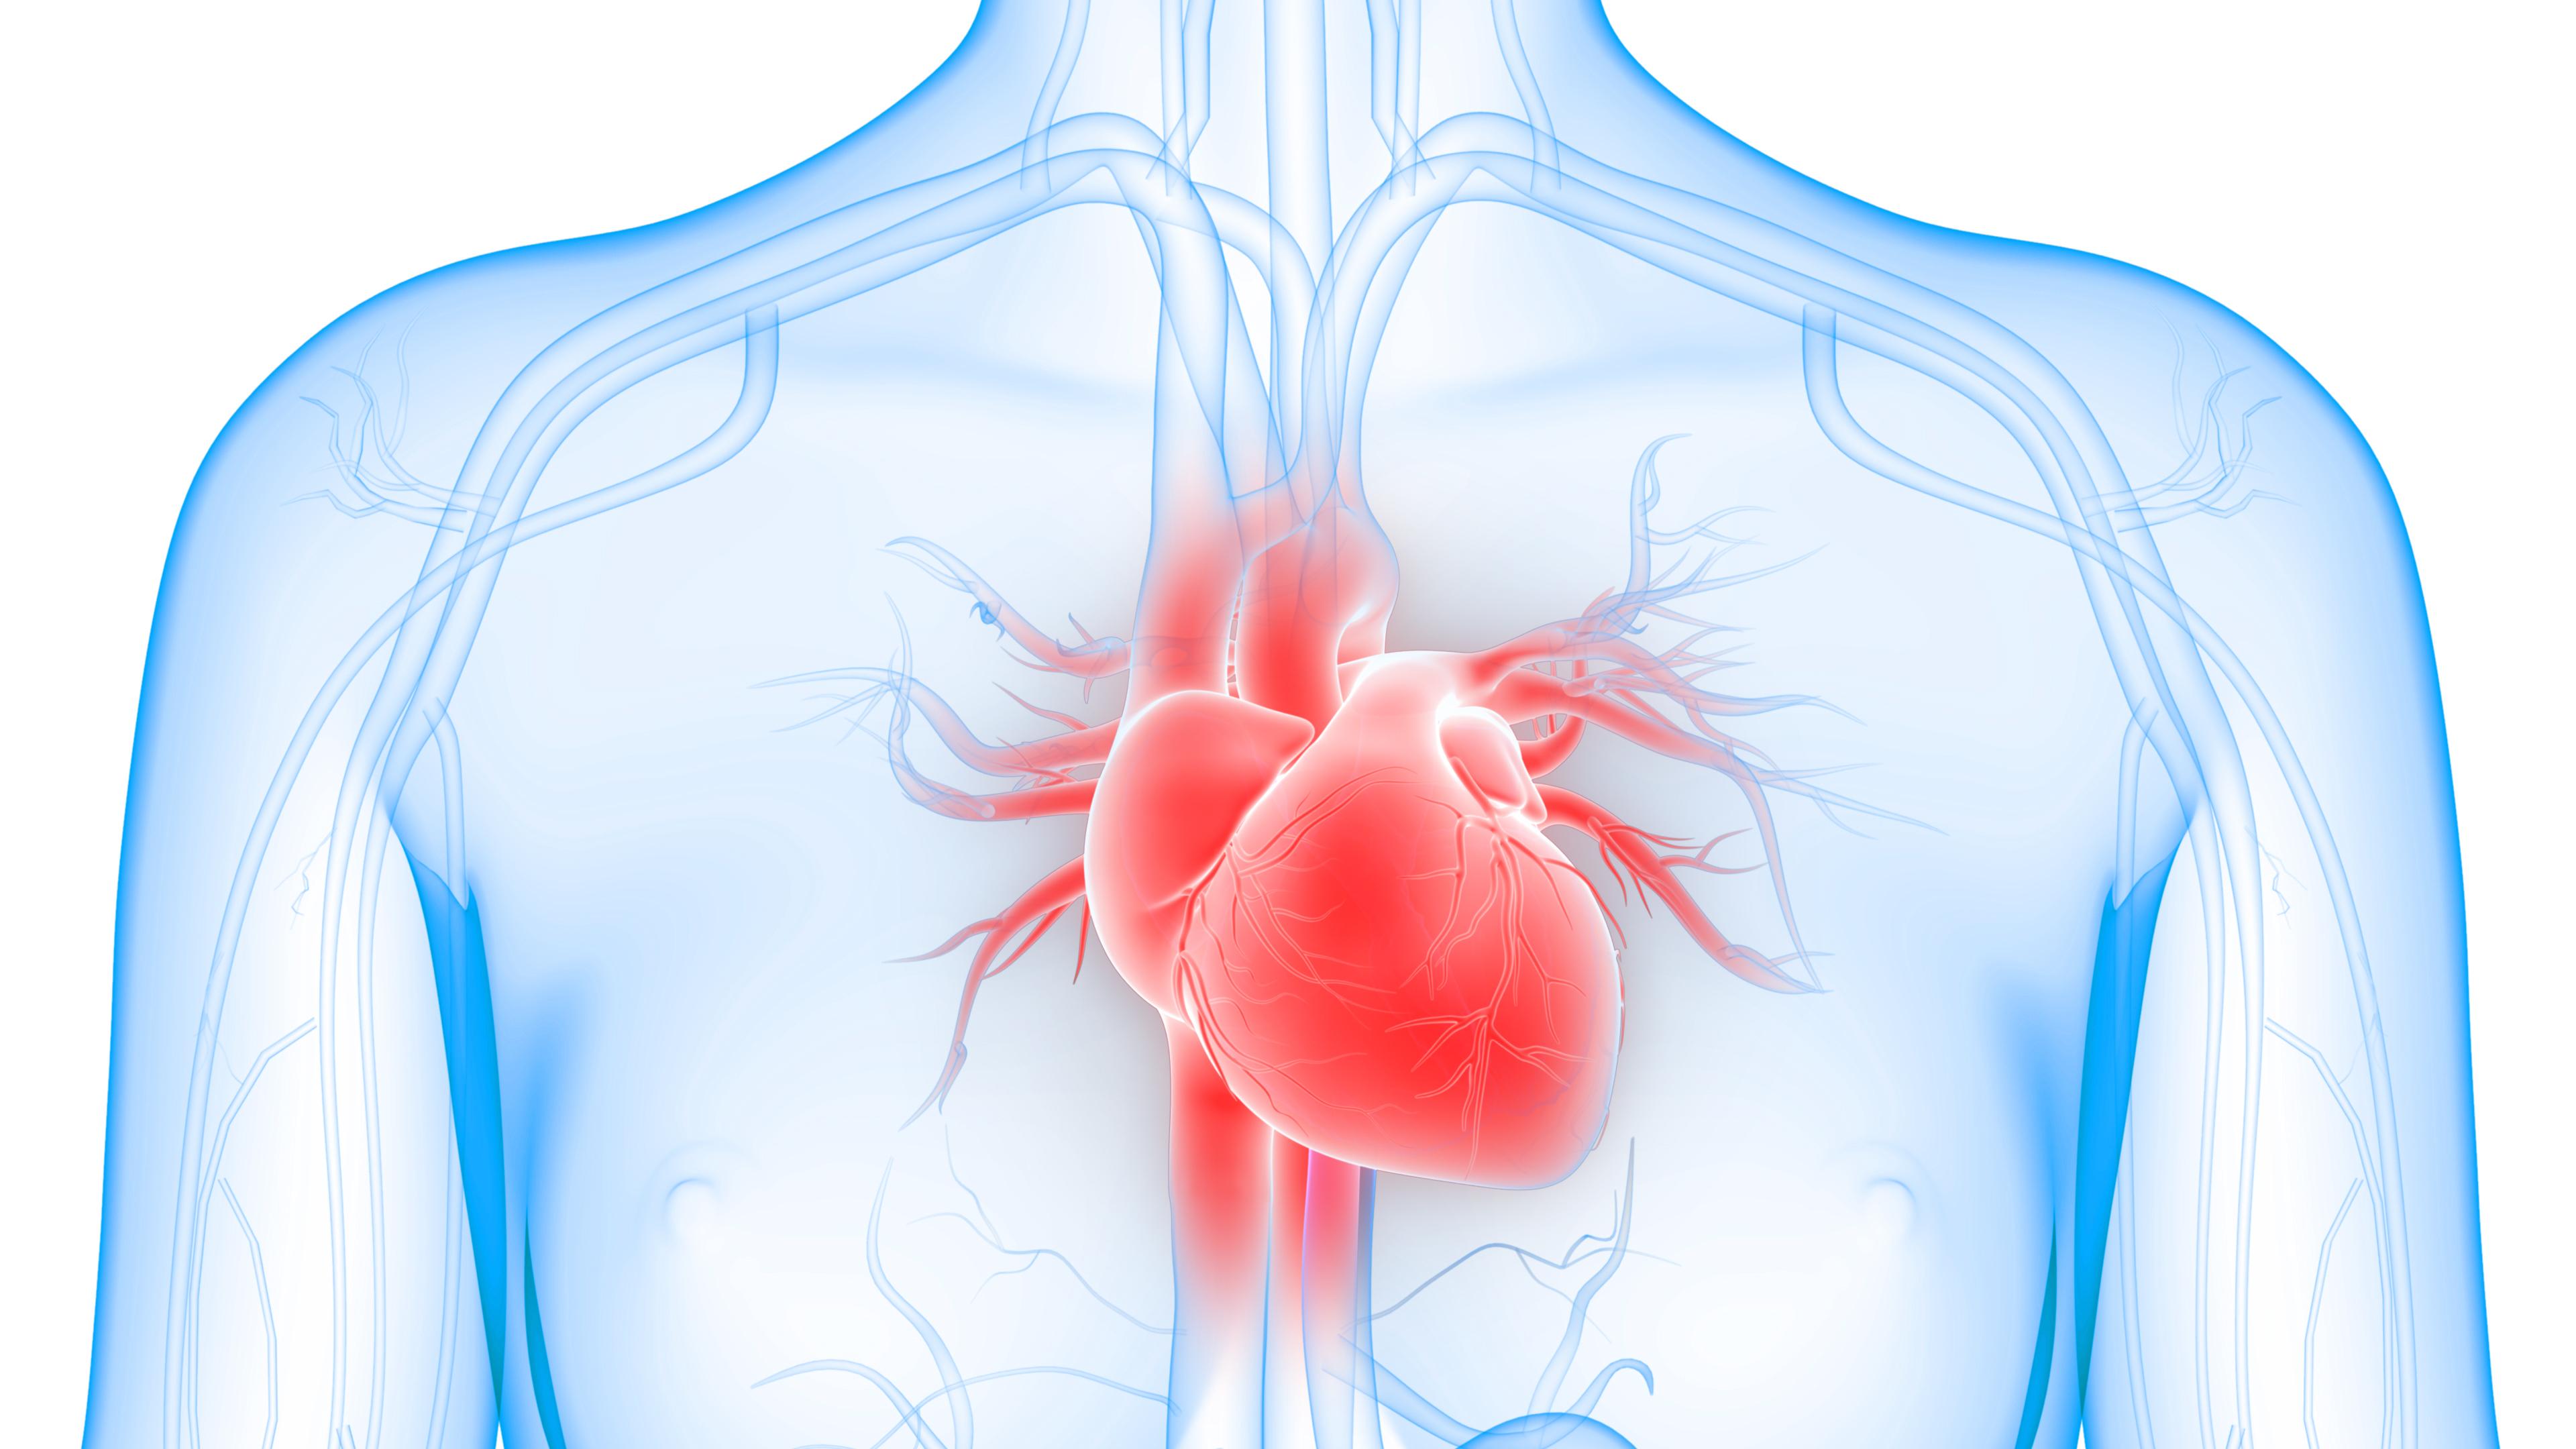 Heart & blood vessels